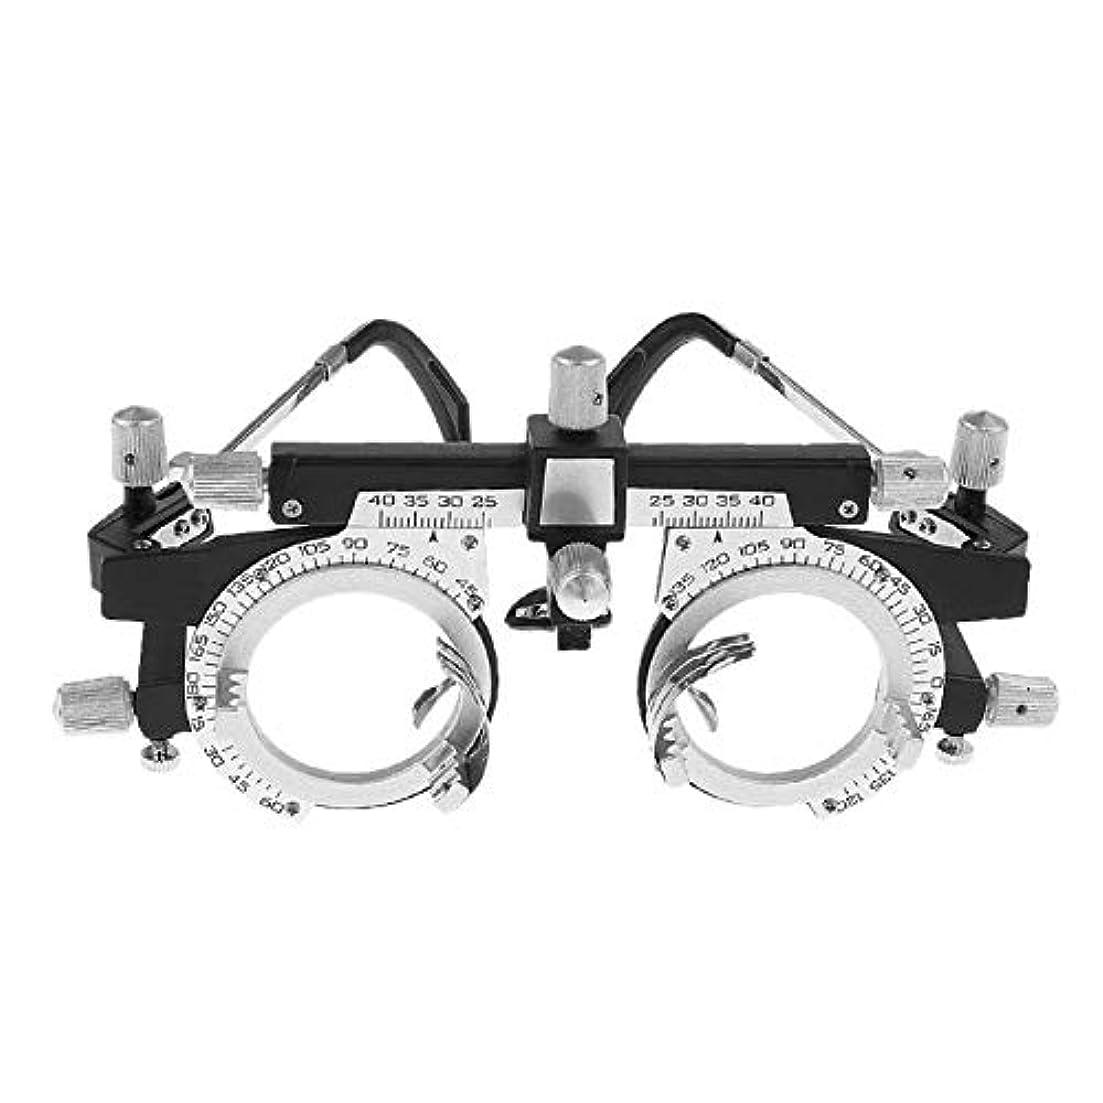 溢れんばかりの甘くする表現Bonni 調整可能なプロフェッショナルアイウェア検眼メタルフレーム光学眼鏡眼鏡トライアルレンズメタルフレームPD眼鏡アクセサリー